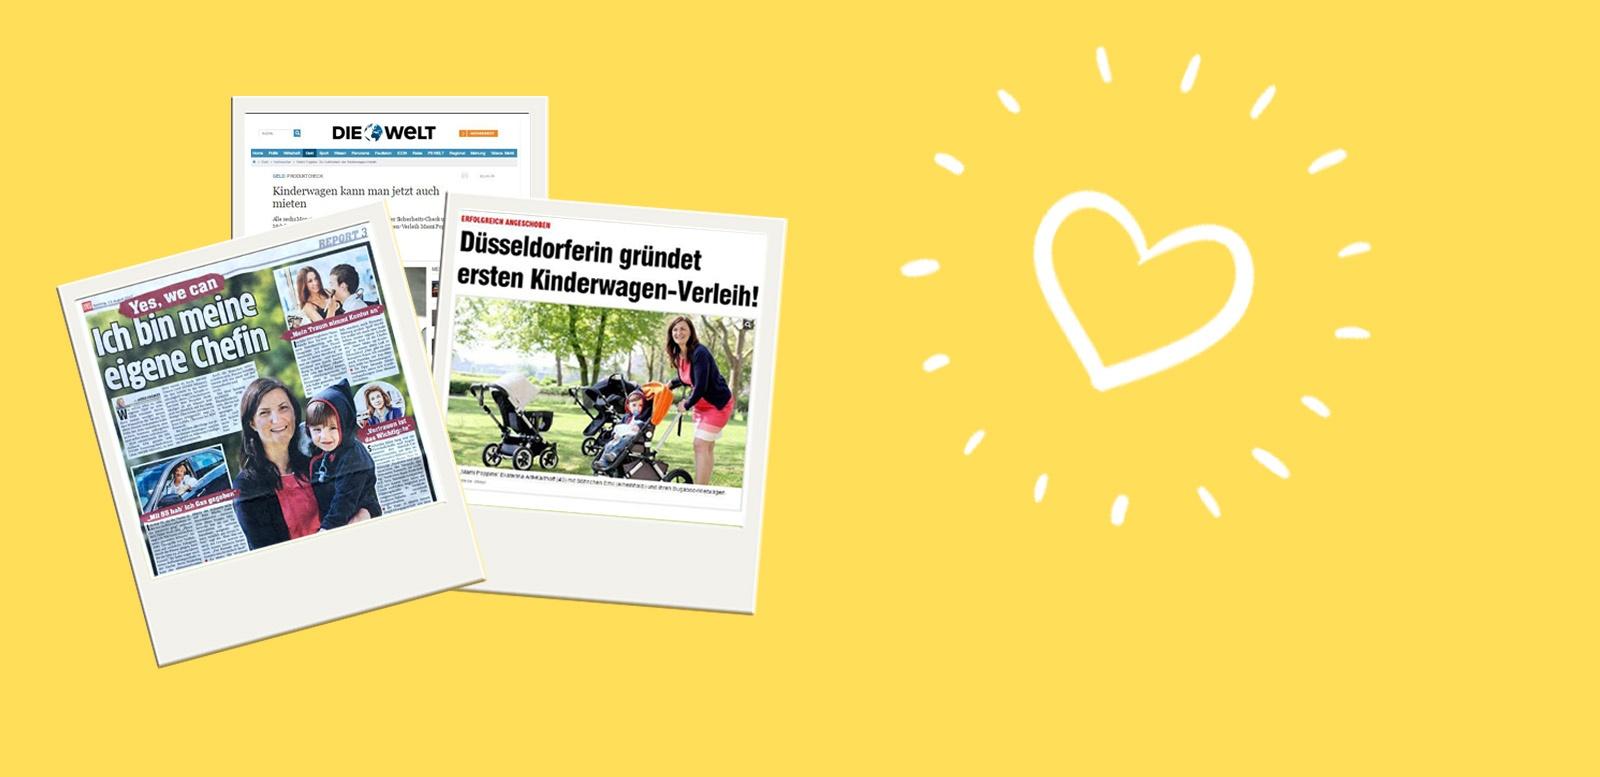 StartUpMOM Lernplattform für Mütter die gründen wollen mit MOM Accelerator - der erste in Deutschland